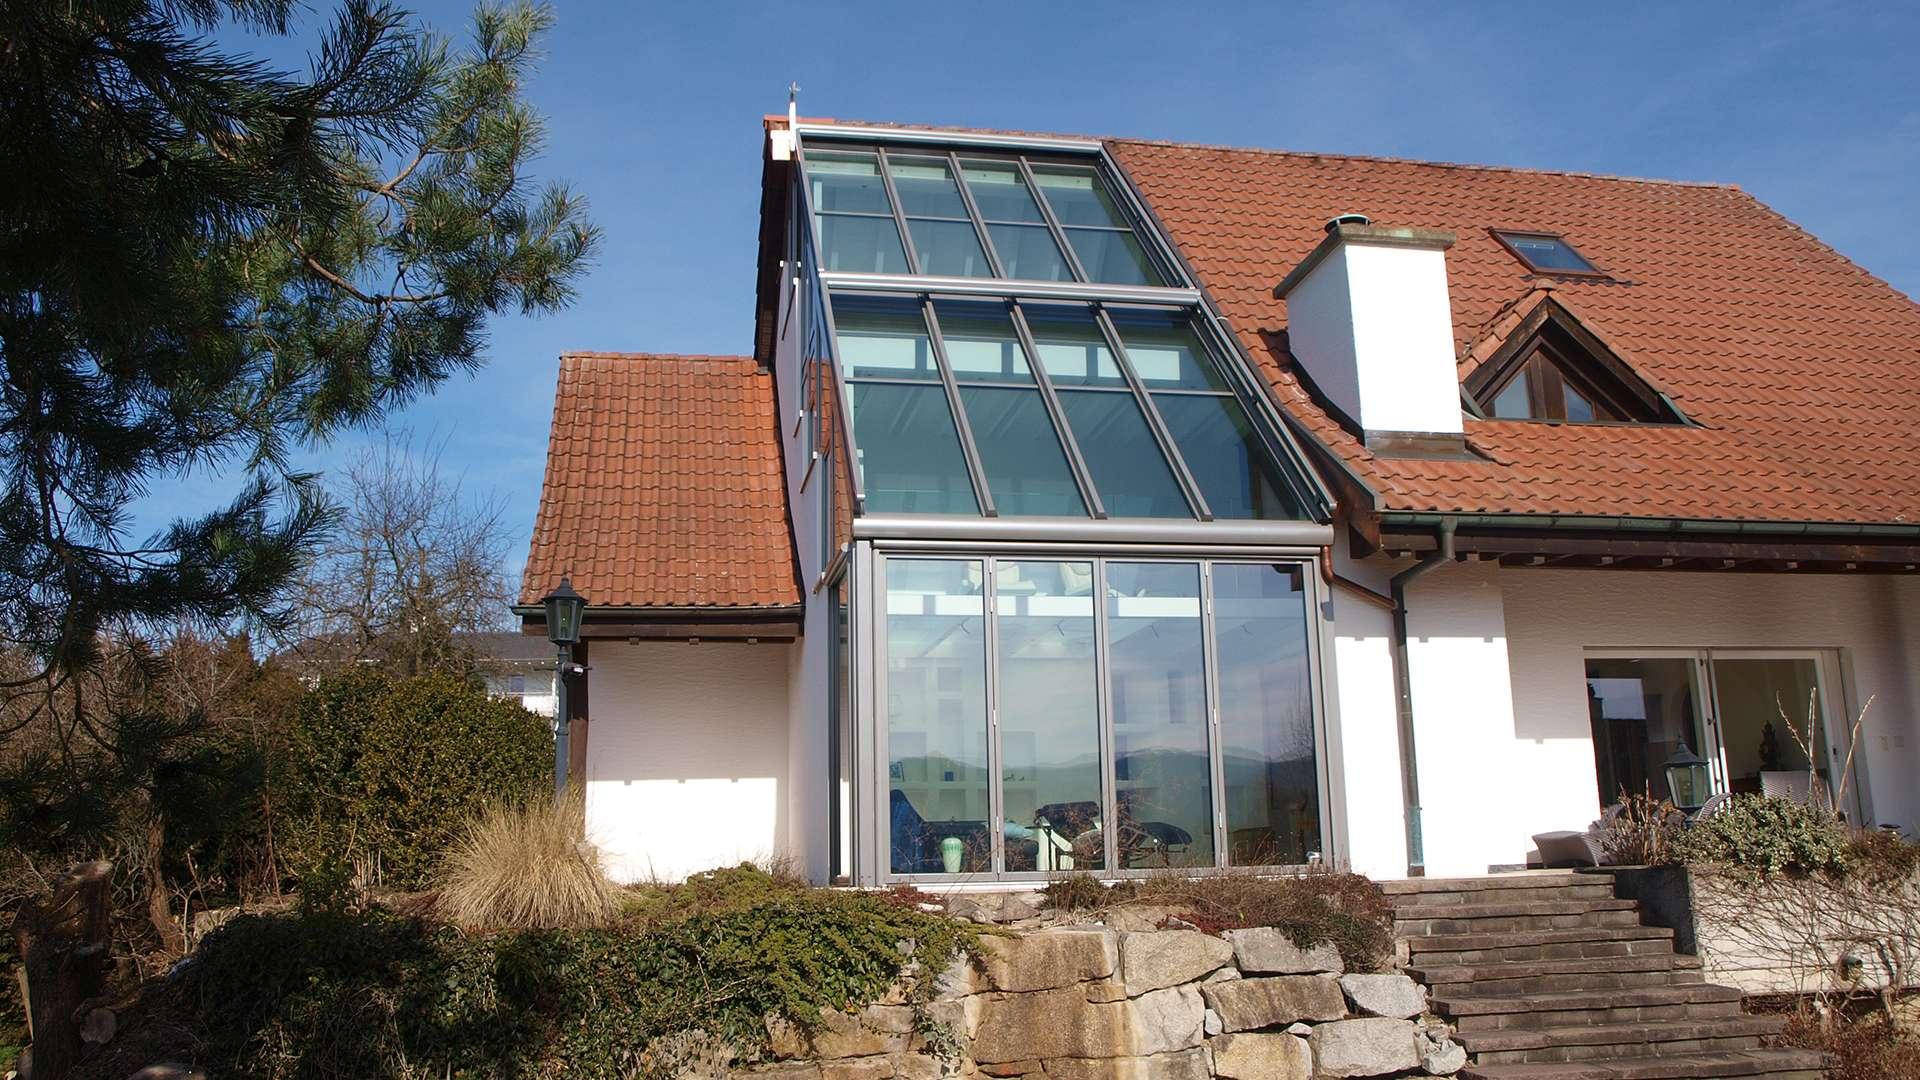 Haus mit Wintergarten über mehrer Etagen bis zur Dachspitze hin